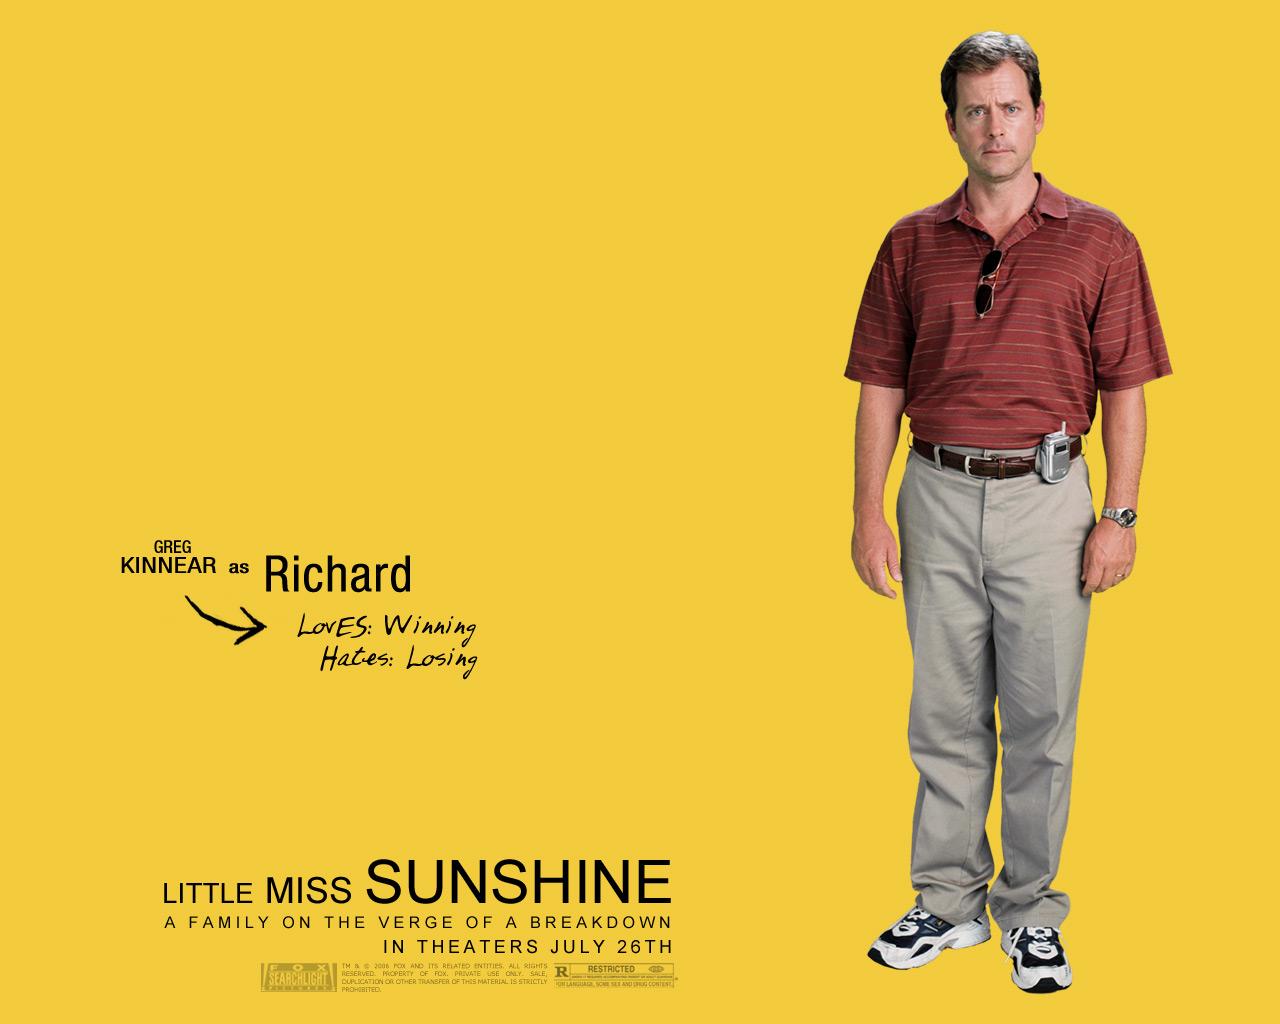 http://2.bp.blogspot.com/-n94hNA2ykt8/Tk6xNrG6HMI/AAAAAAAAFr0/dnCvK3h54fI/s1600/little_miss_sunshine-006%2528www.TheWallpapers.org%2529.jpg